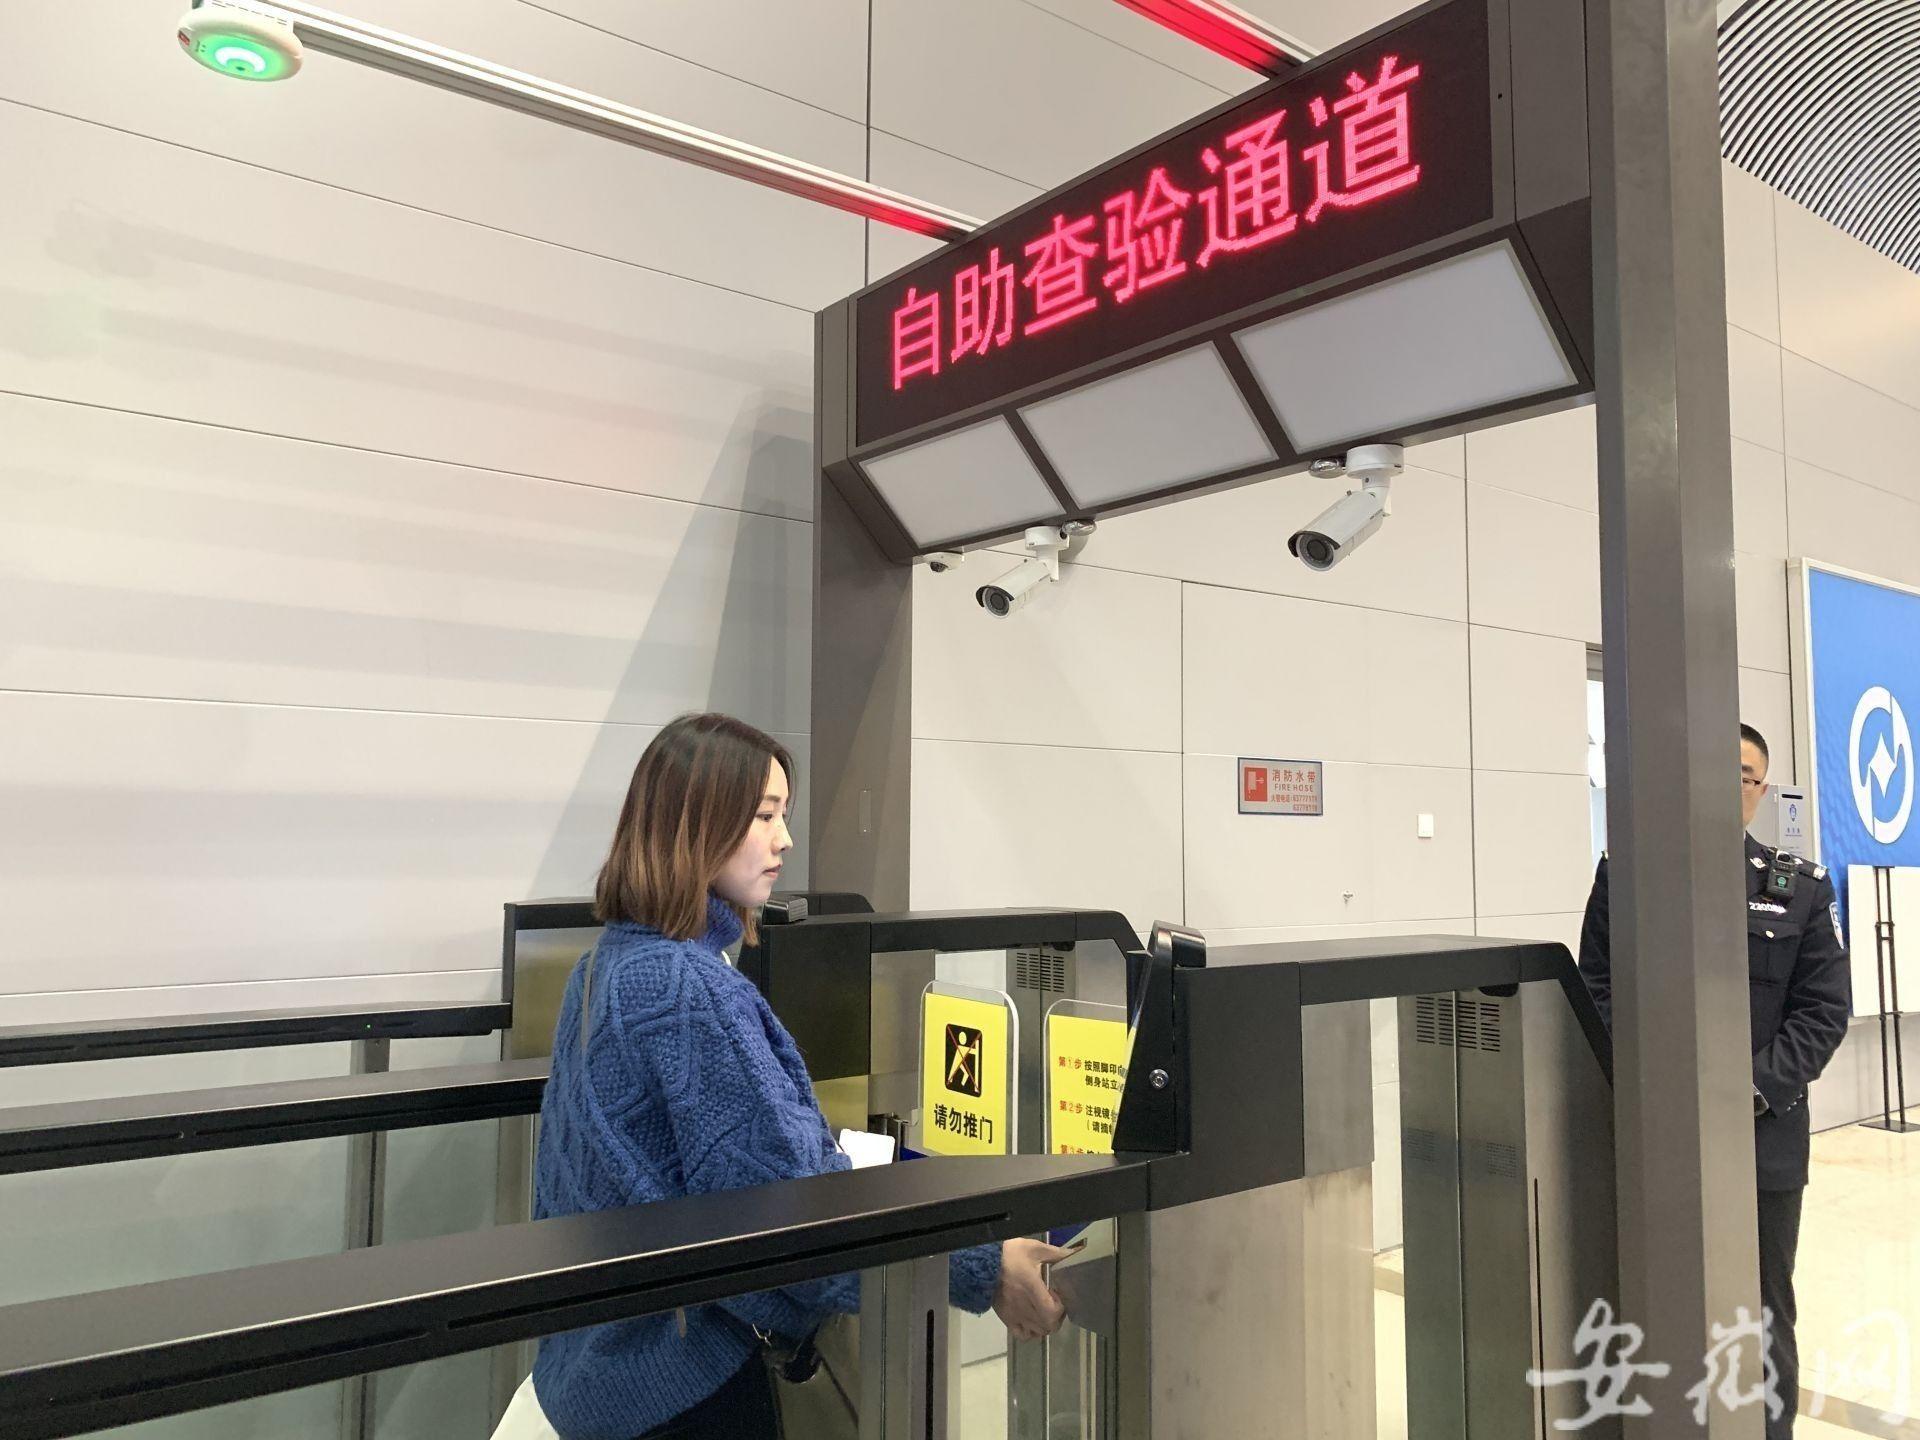 合肥新桥机场出入境自助通道最快30秒过关 明年将增至8条